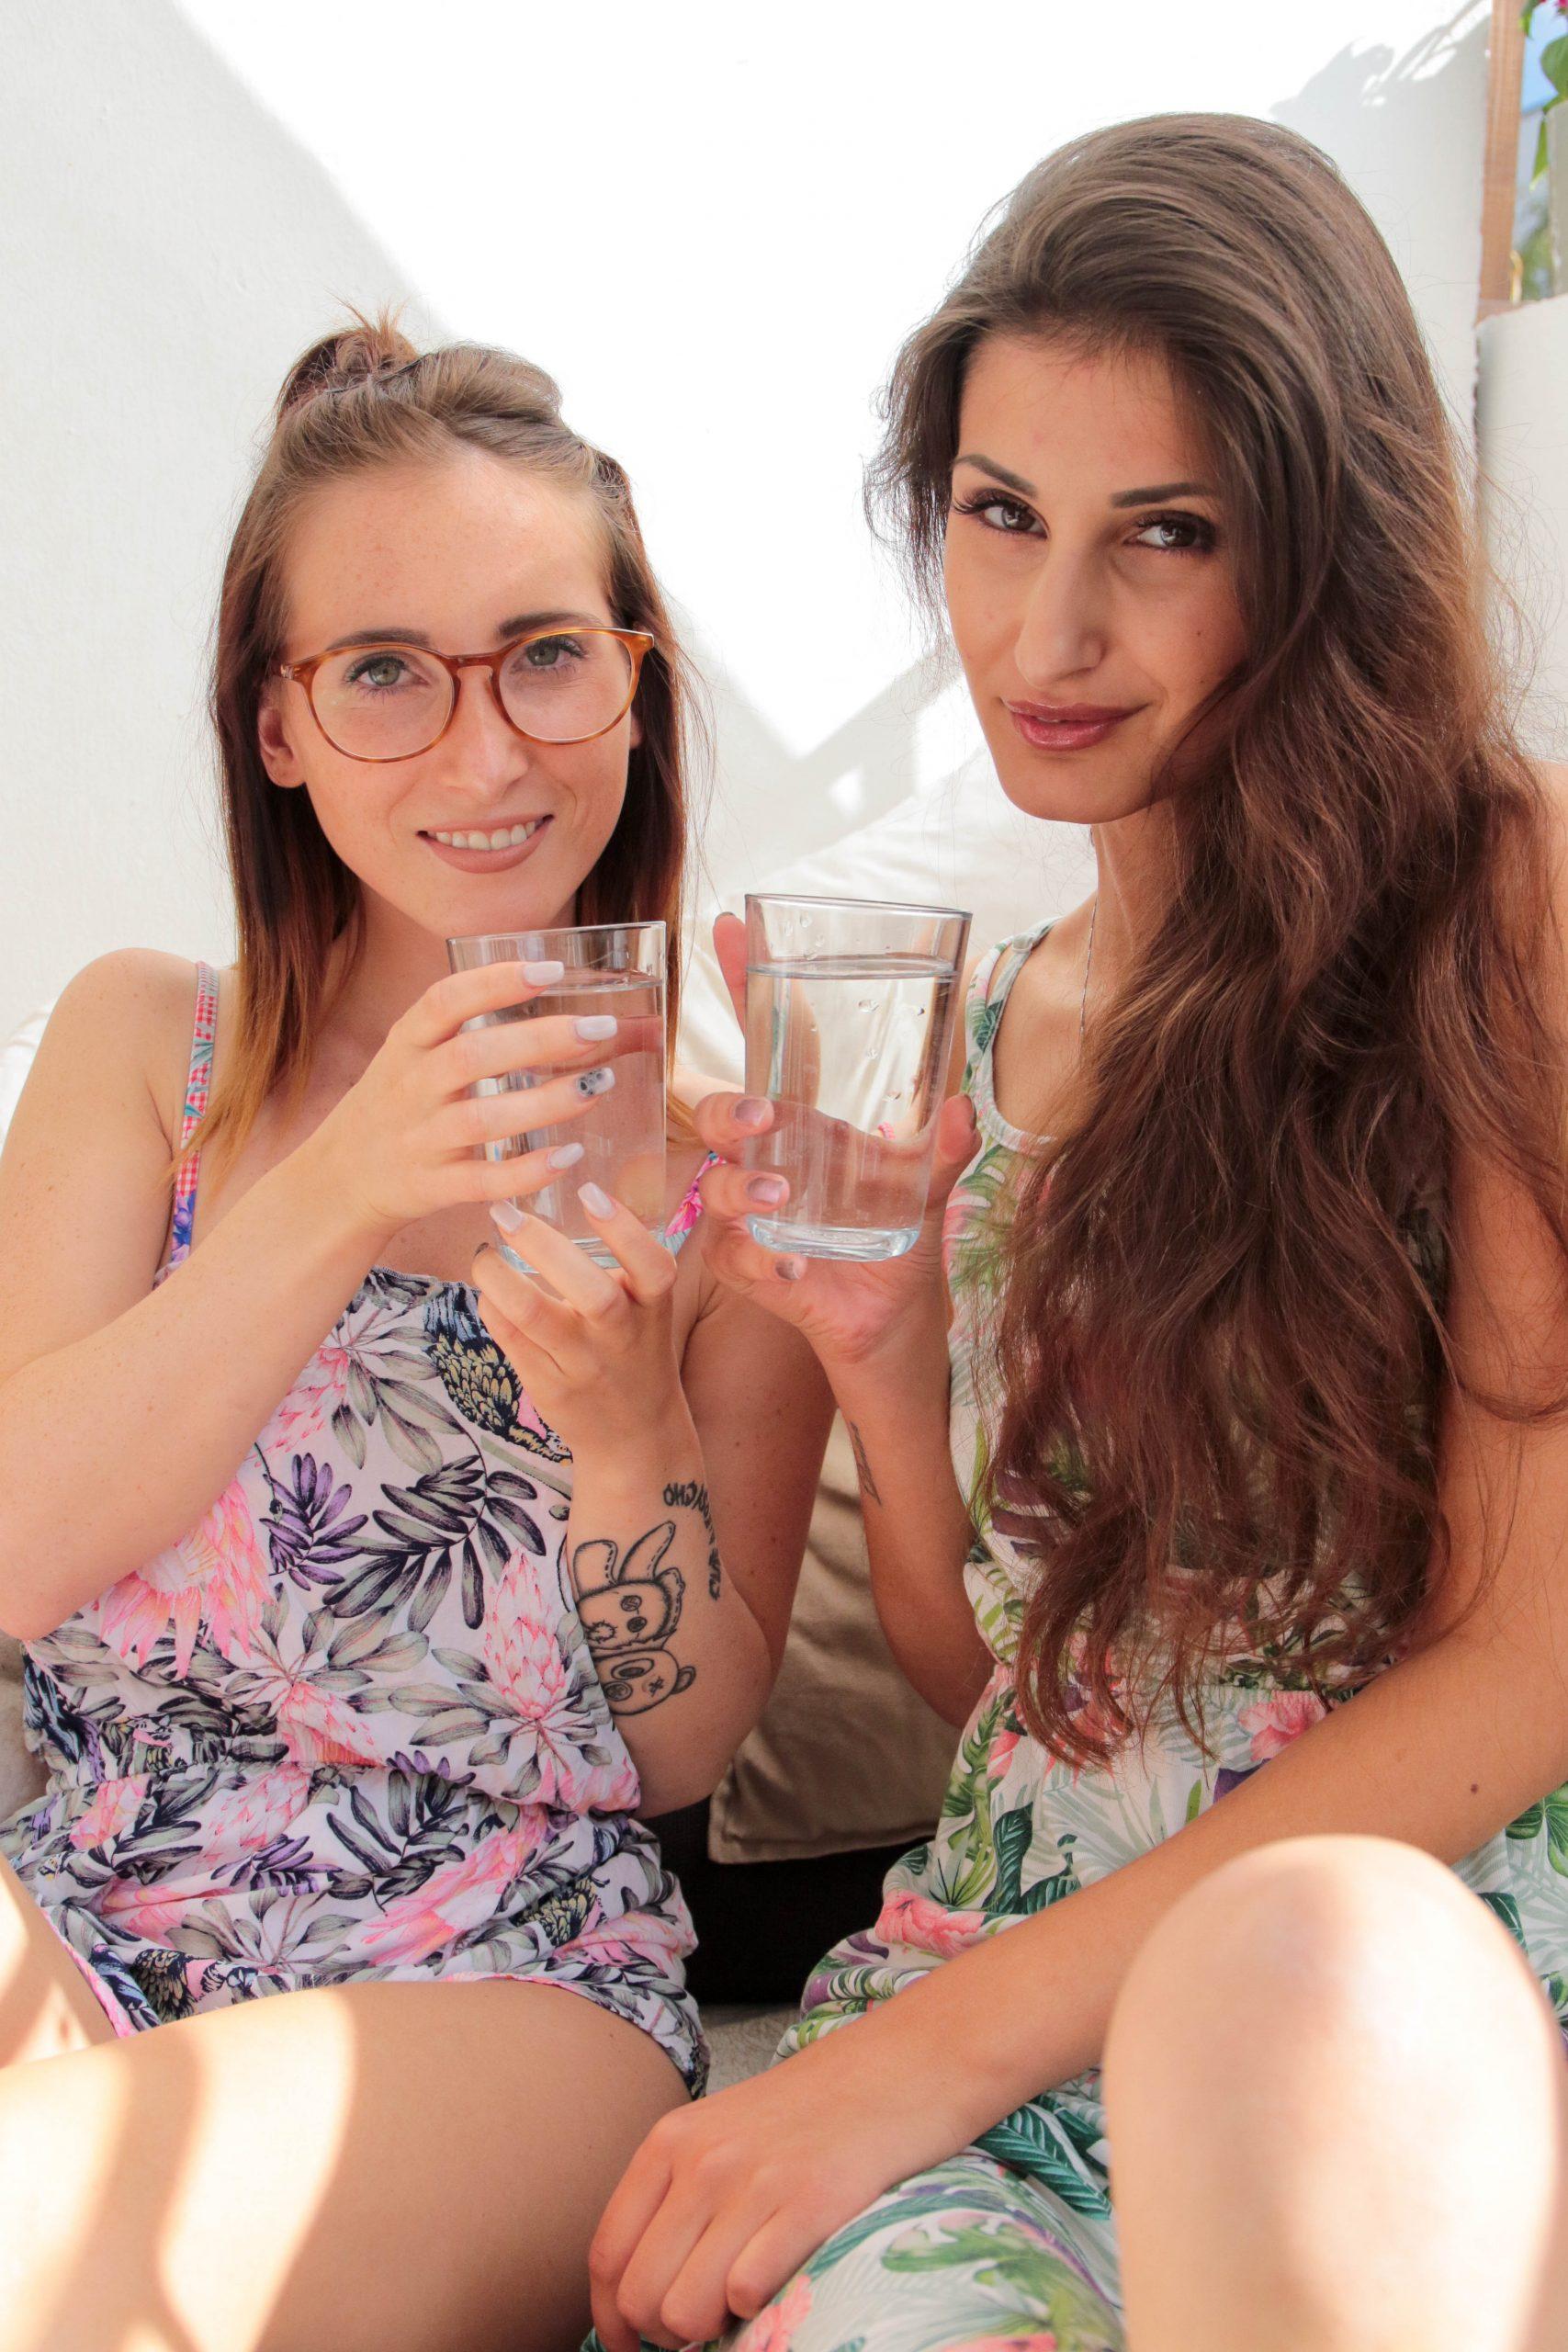 Ersties.com - Milena & Lia 19